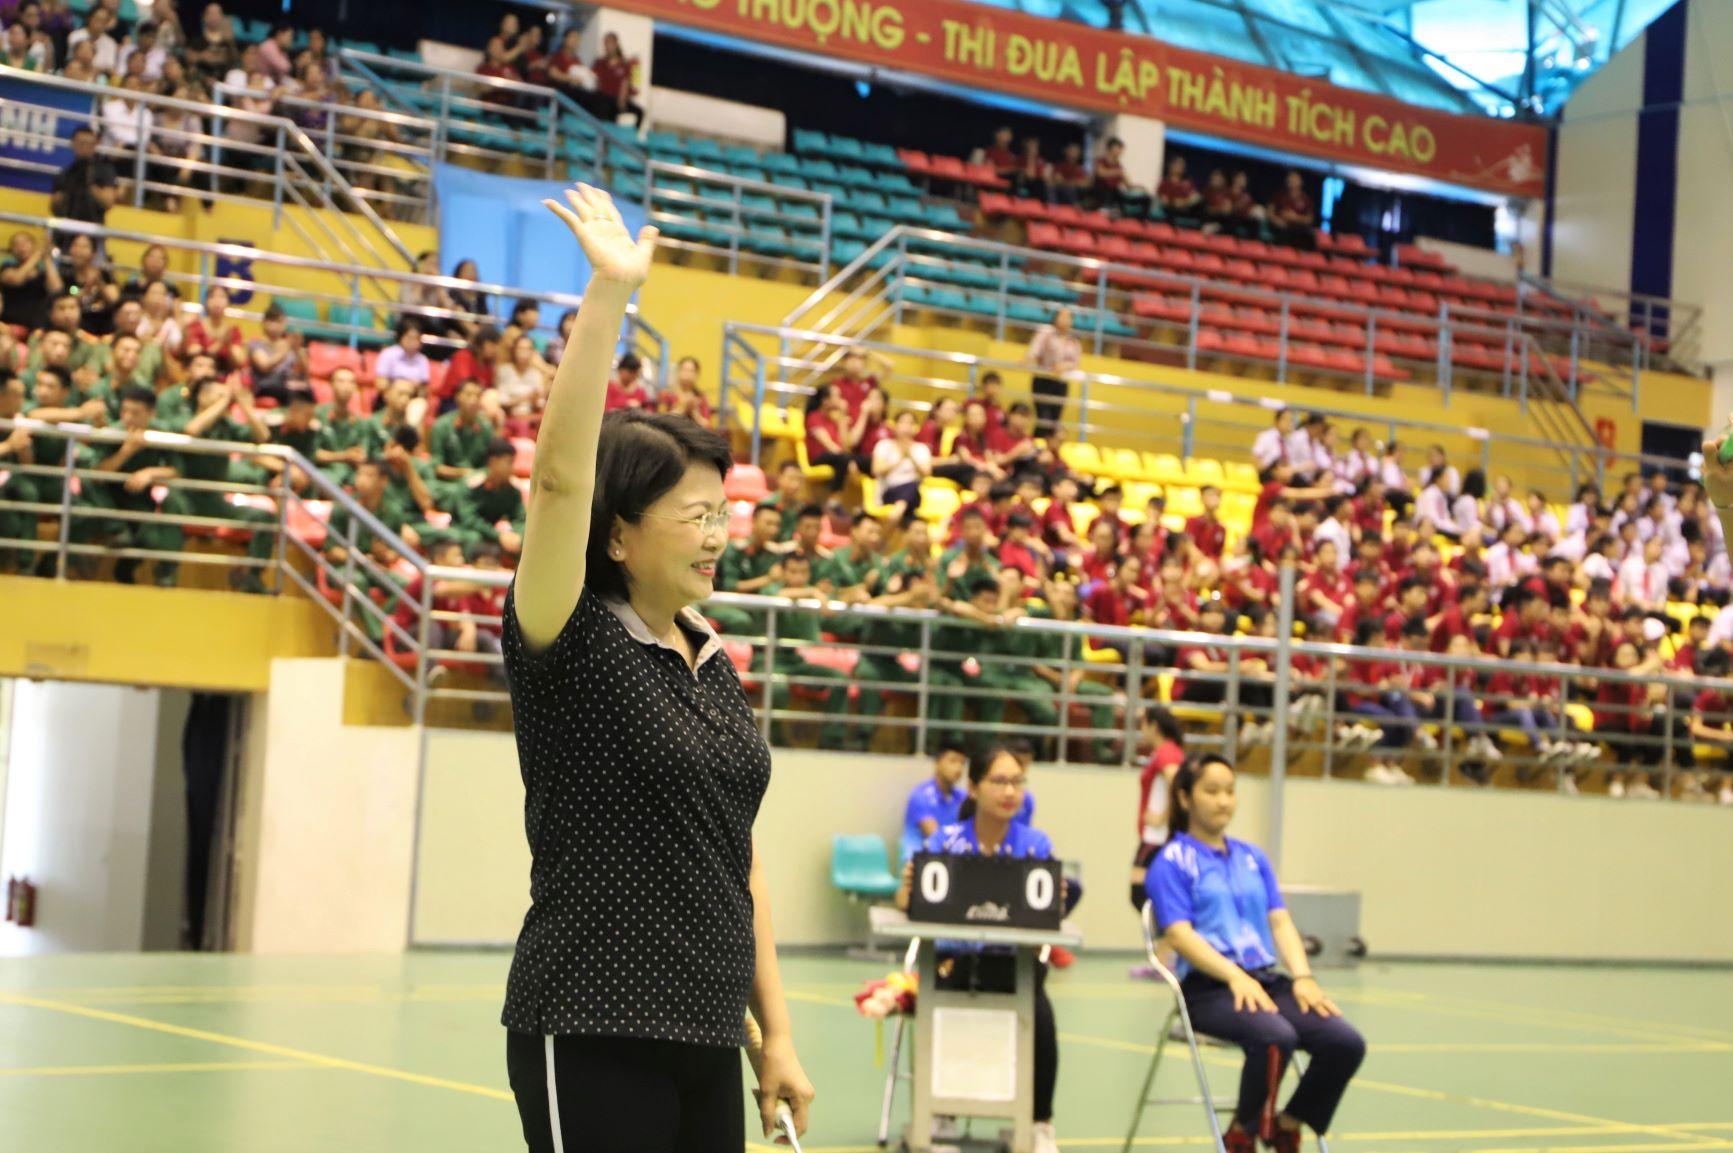 Nụ cười thân thiện của Phó Chủ tịch nước Đặng Thị Ngọc Thịnh để lại nhiều dấu ấn cho người tham dự tại buổi Liên hoan sáng nay, truyền thêm cảm hứng cho phụ nữ tham gia tích cực hơn vào phong trào thể thao nâng cao sức khỏe